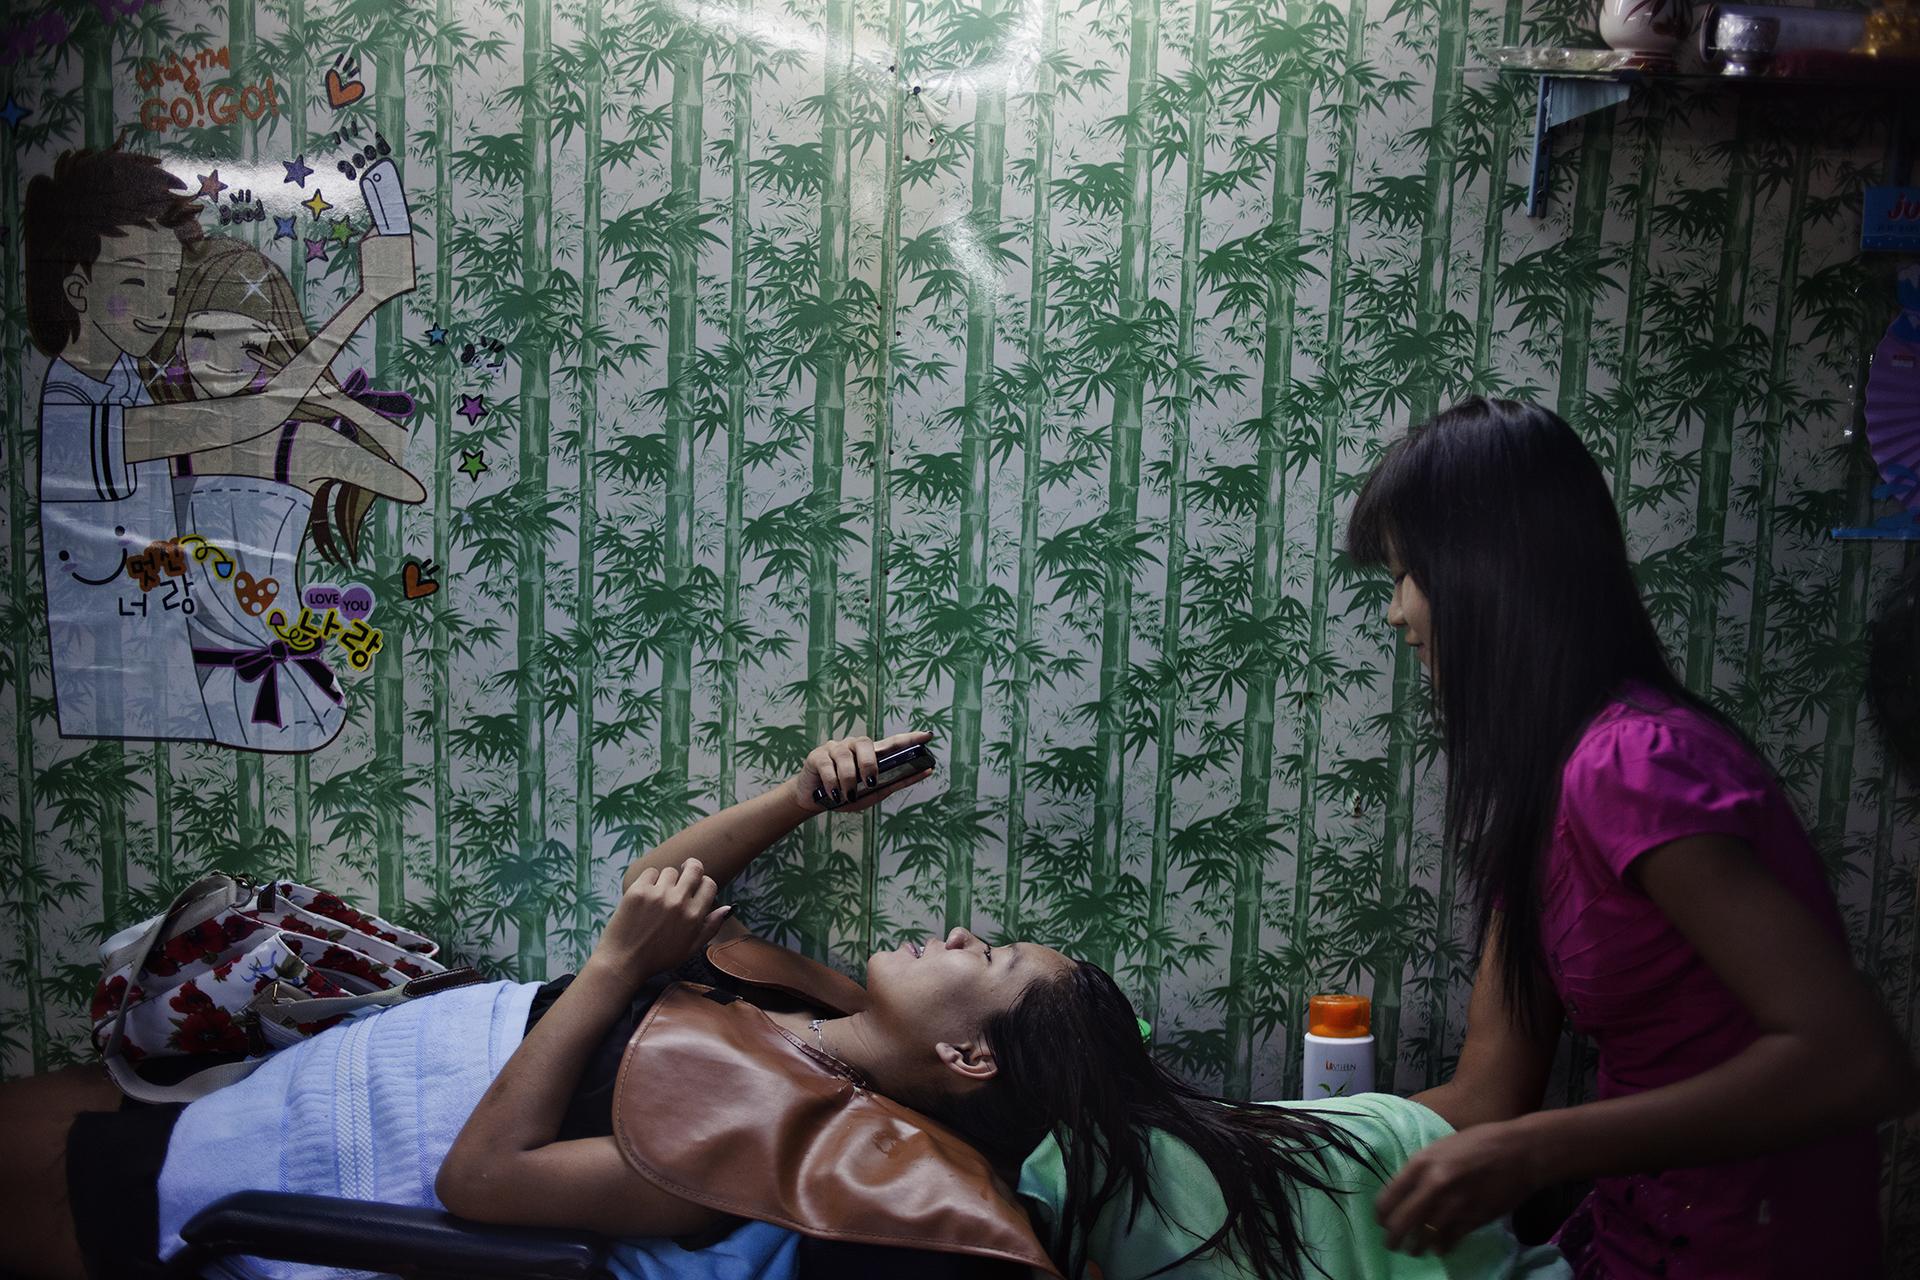 Phan, 17 ans, chez le coiffeur avant de partir travailler au karaoké bar. Elle a passé 7 ans dans un camp de réfugiés et est venue à Mae Sot dans l'espoir d'intégrer l'université thaïlandaise. Néanmoins l'université coûte trop chère et elle a fini par accepter un job d'hôtesse dans un karaoké bar. Mae Sot, Thaïlande, novembre 2013Phan, 17 years old is getting ready in the hairdresser before going at work in the Karaoke bar where she is employed. She came to Mae Sot with the hope to integrate a Thaï university, but lack of money forced her to start her job as a hostess. Mae Sot, Thailand. November 2013.